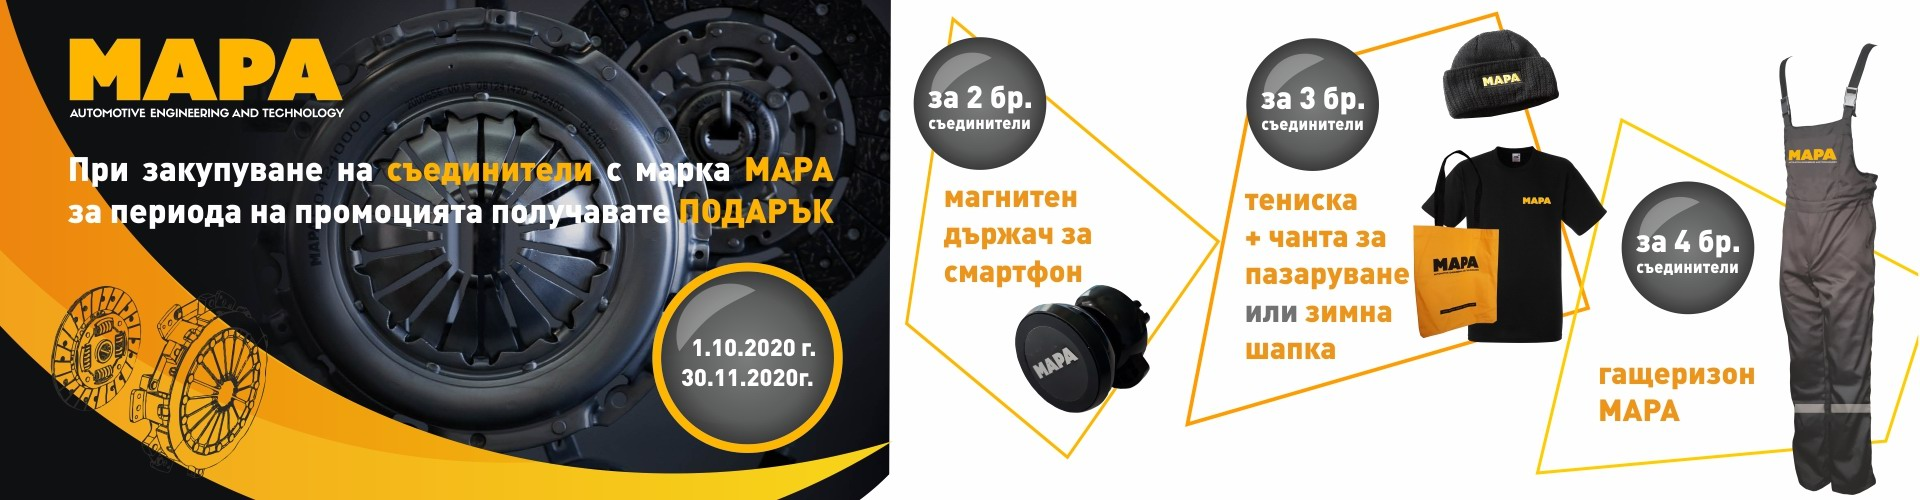 promo_mapa_01.10.2020-30.11.2020_banner.jpg